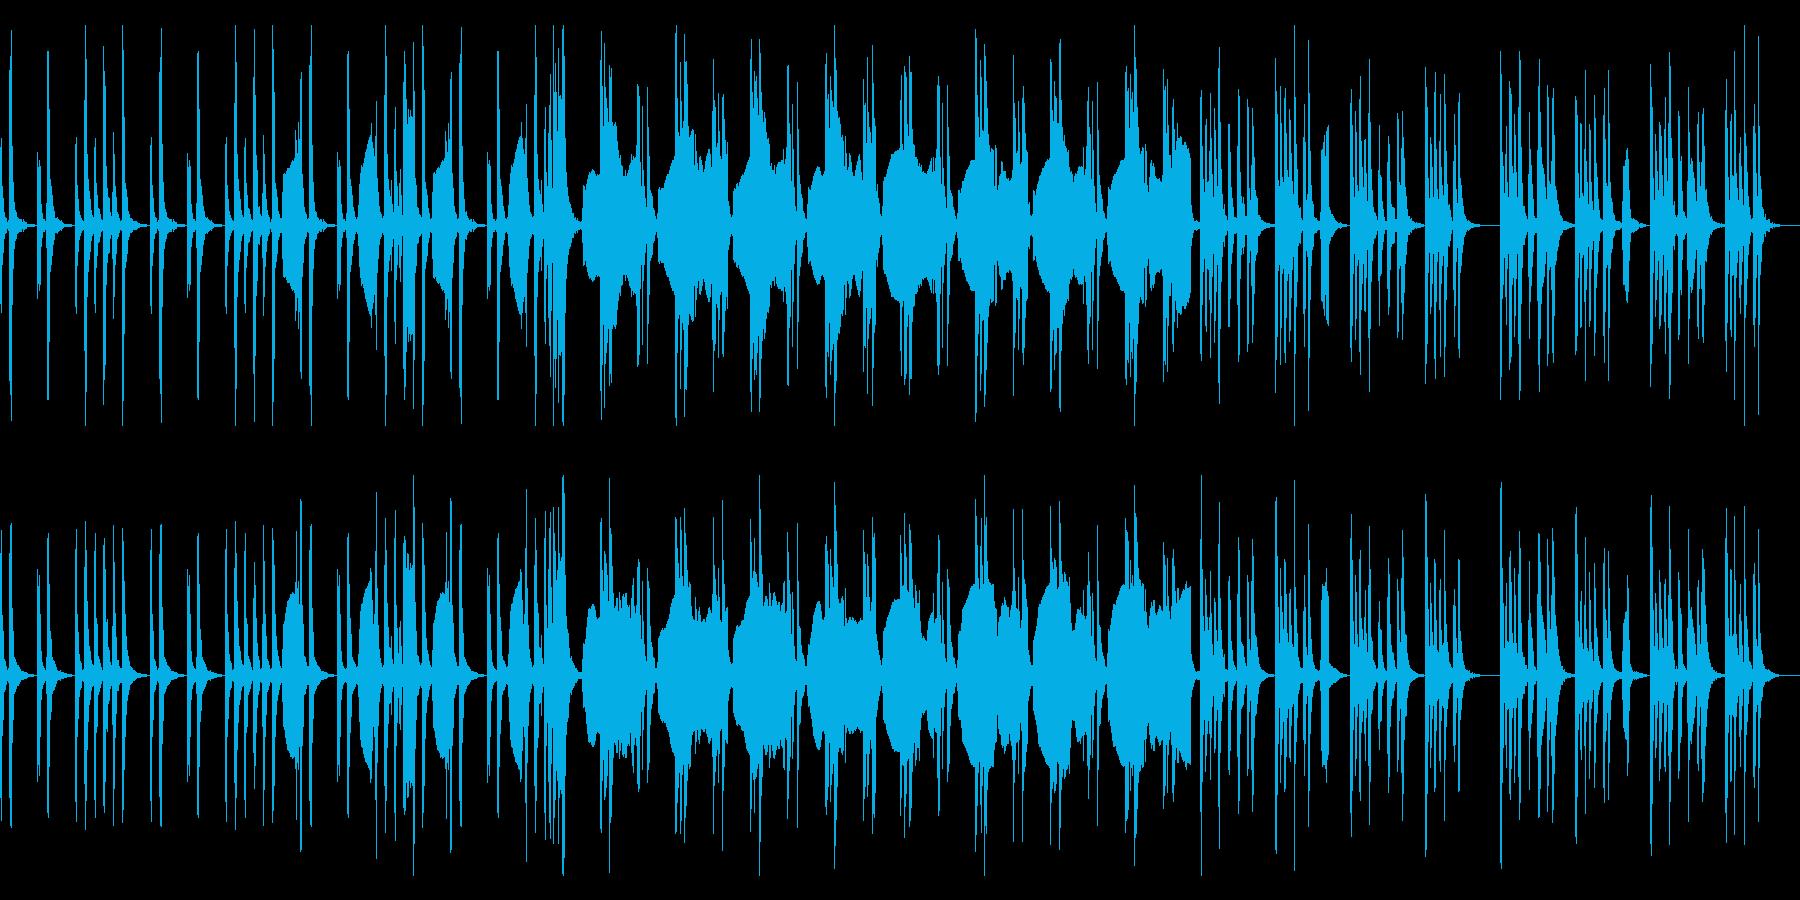 ゆったりとしてシンプルでコミカルな曲の再生済みの波形